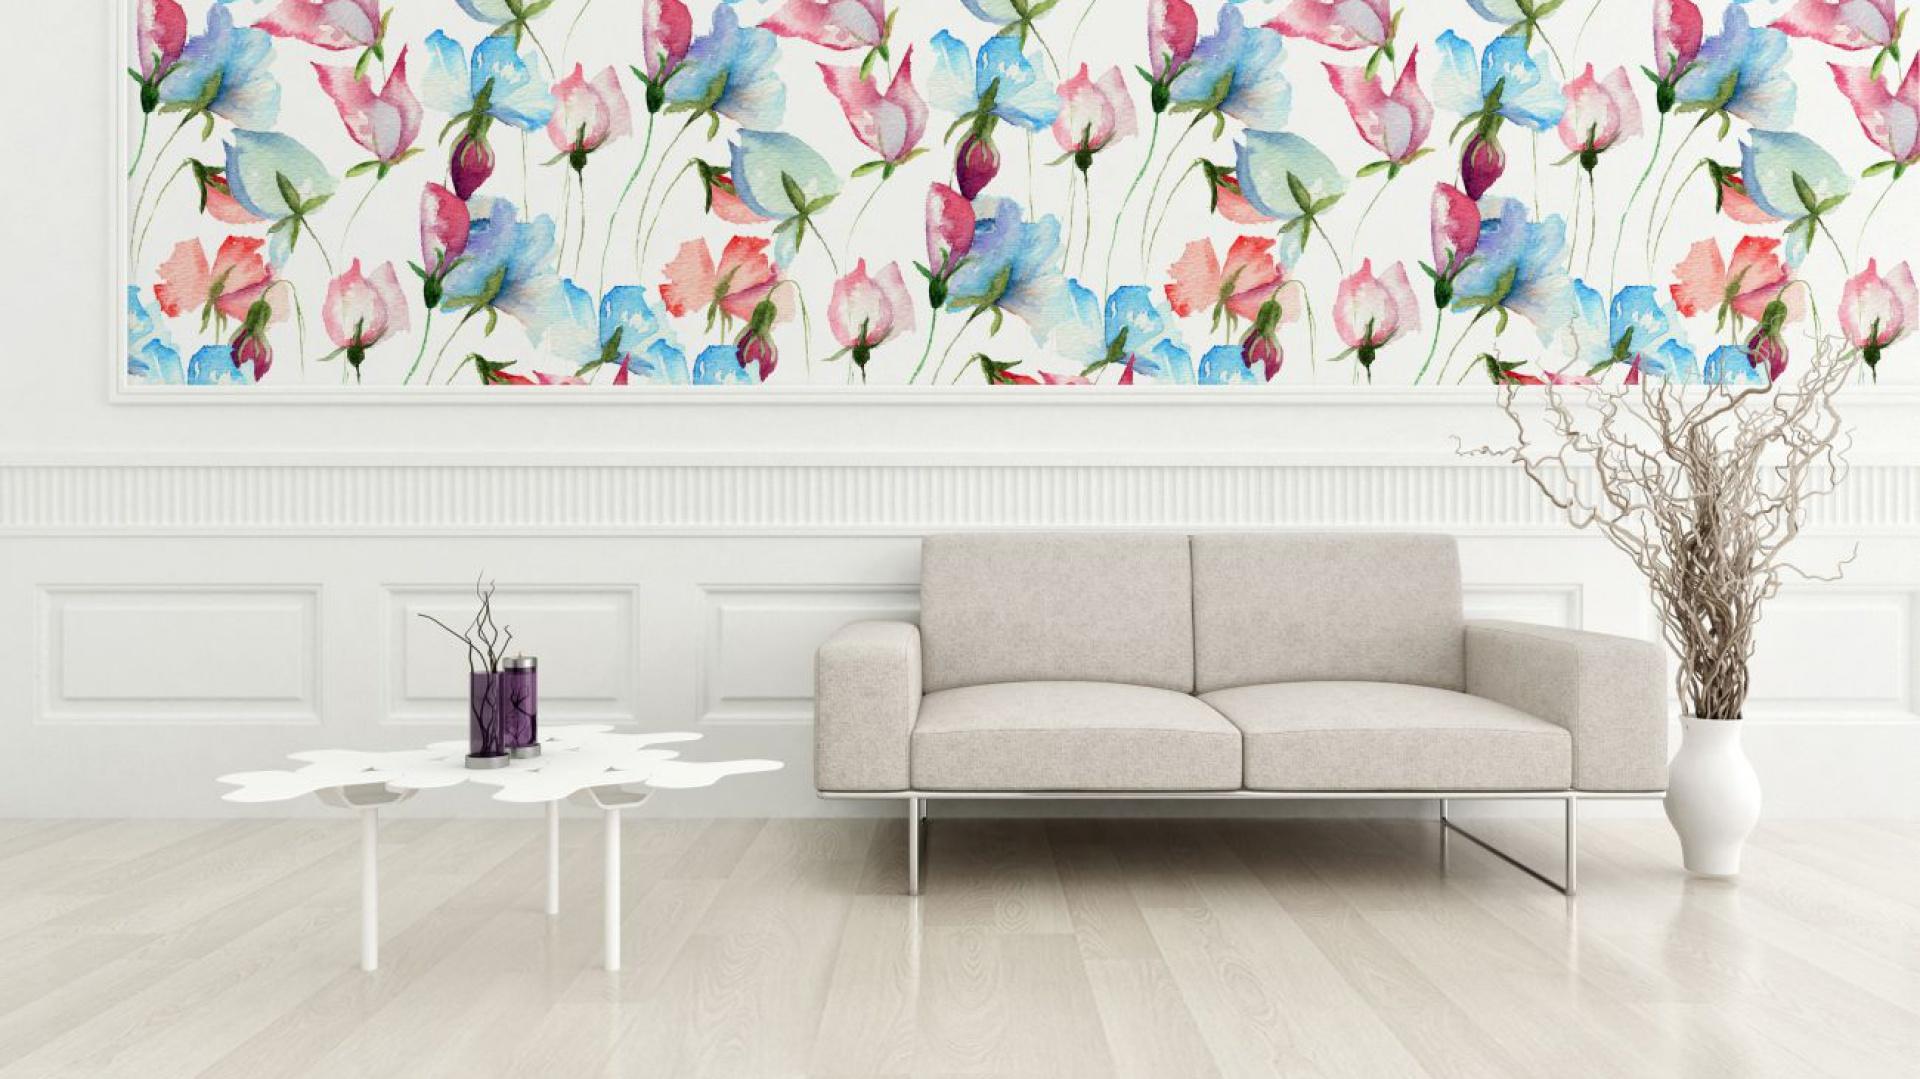 Kwiatowe nowości od Dekornika pozwolą odmienić dom przy okazji wiosennych porządków i stworzą we wnętrzu romantyczną aurę – wiecznej wiosny. Fot. Dekornik.